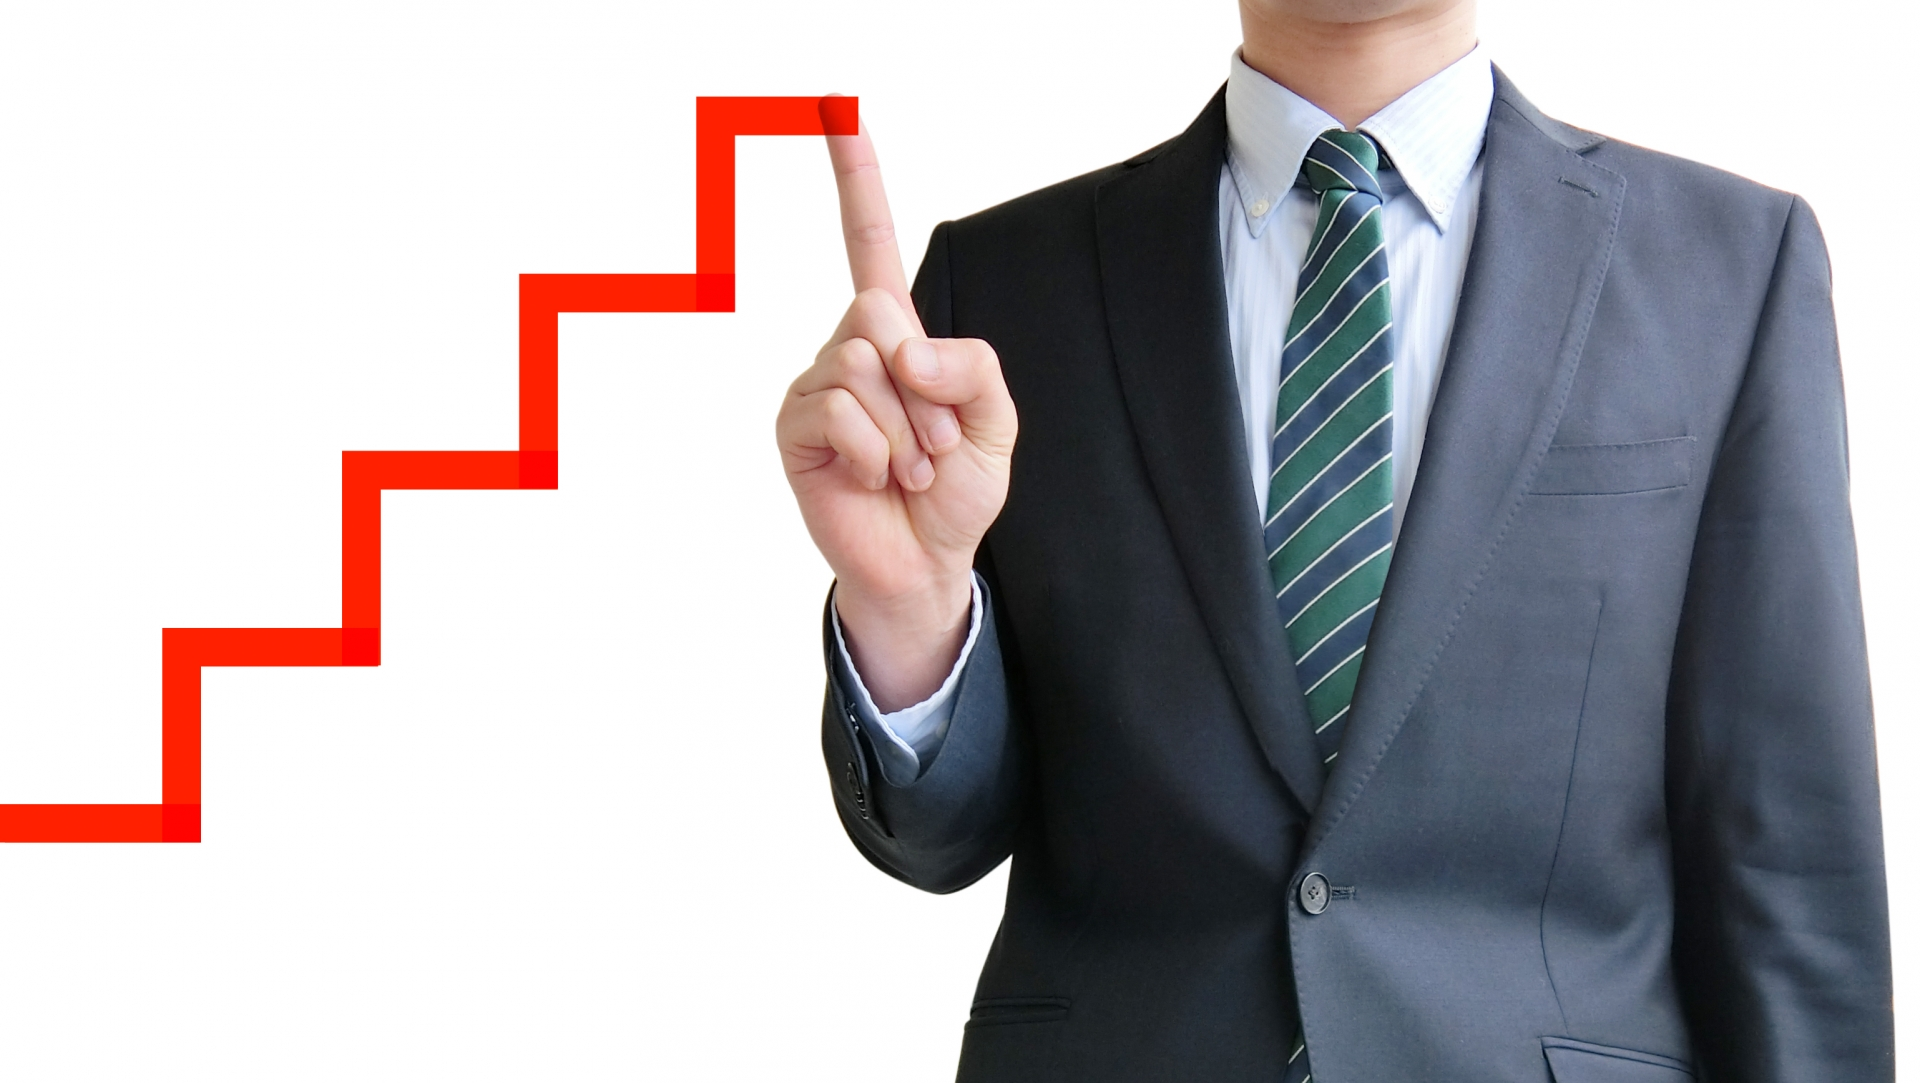 ビジネスマンとステップアップのイメージ